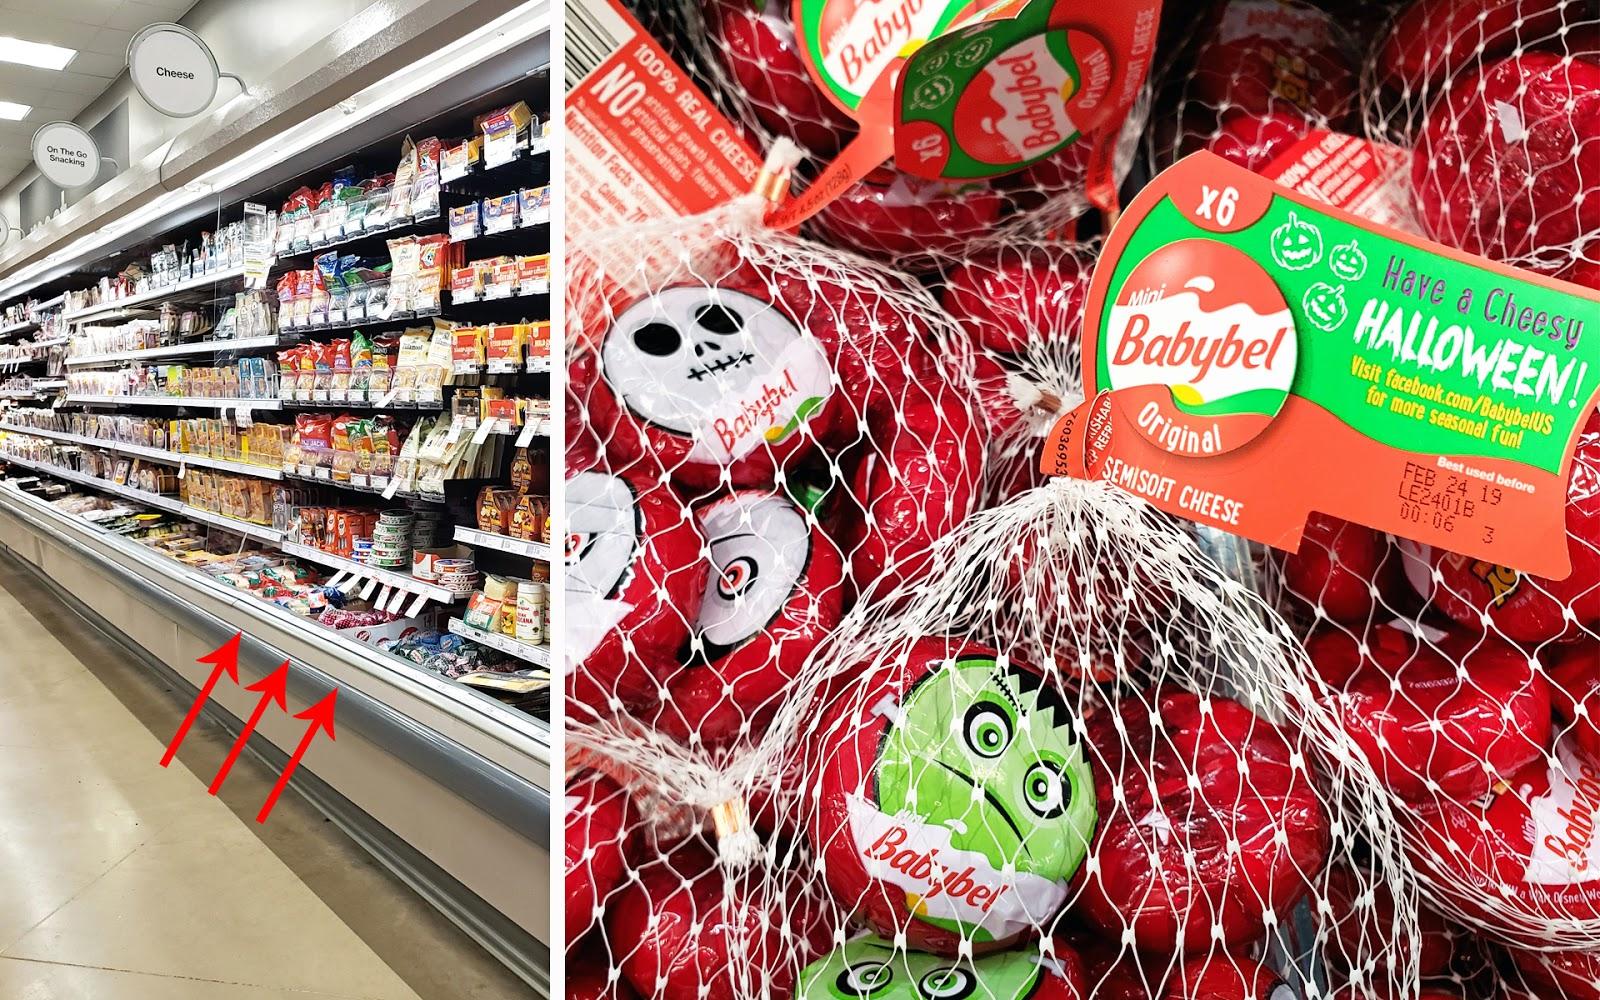 BabyBel at Target